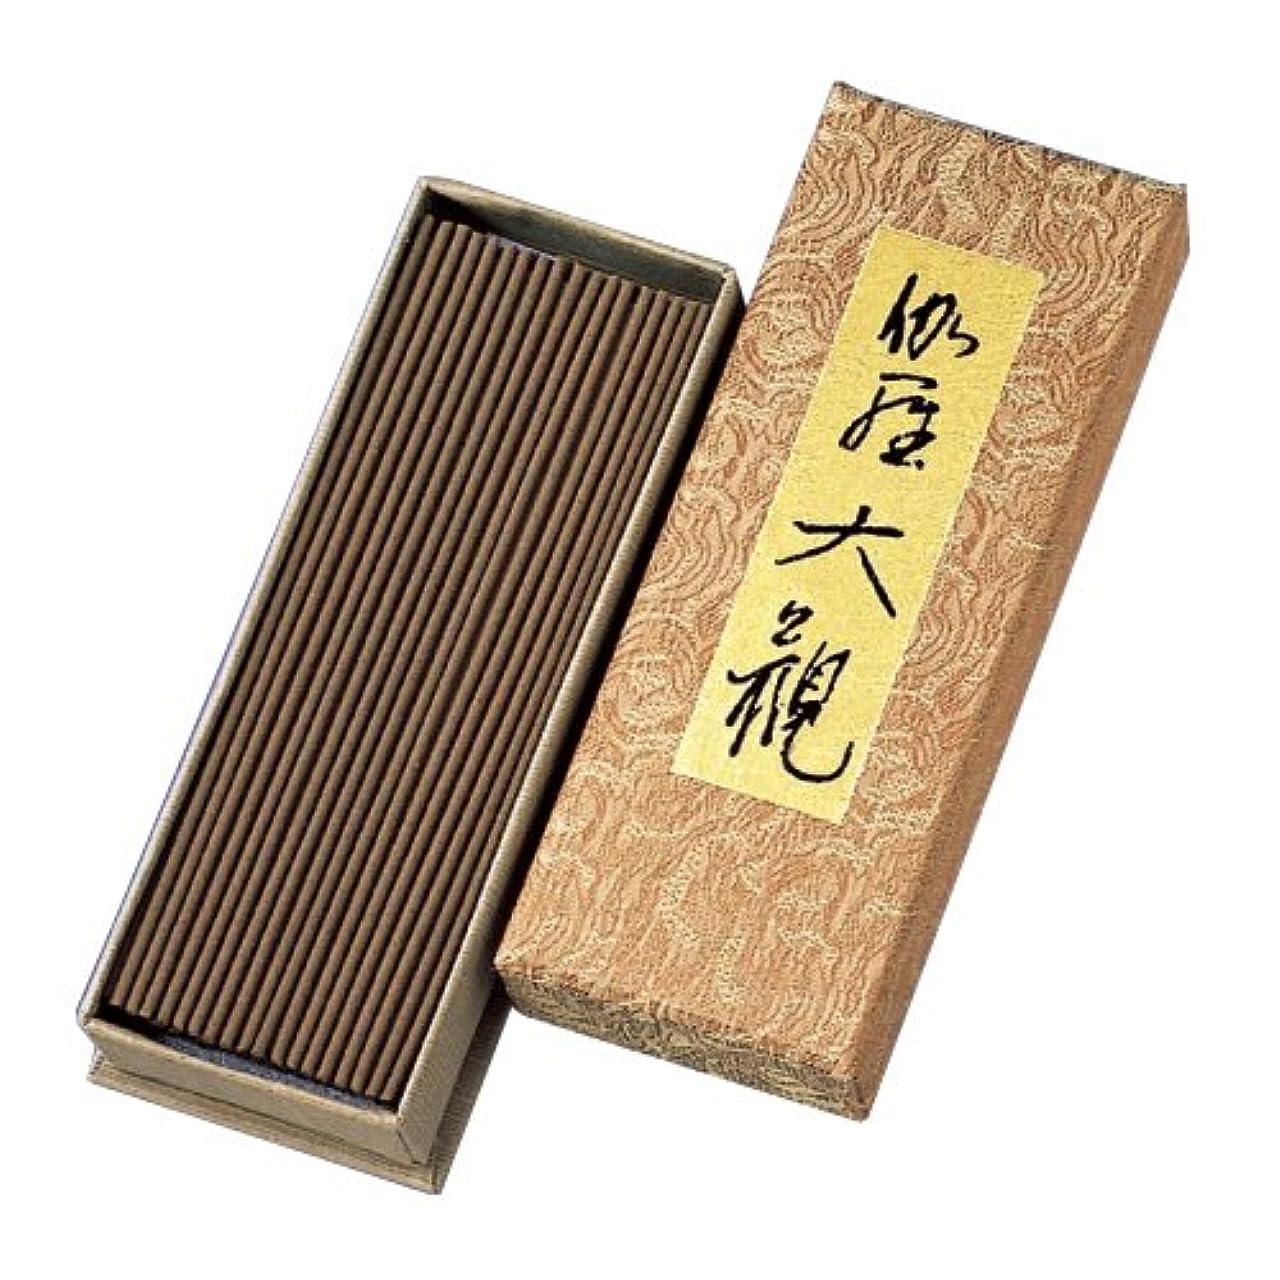 弾丸膨張する差別Nippon Kodo?–?Kyara Taikan?–?プレミアムAloeswood Incense 150?sticks